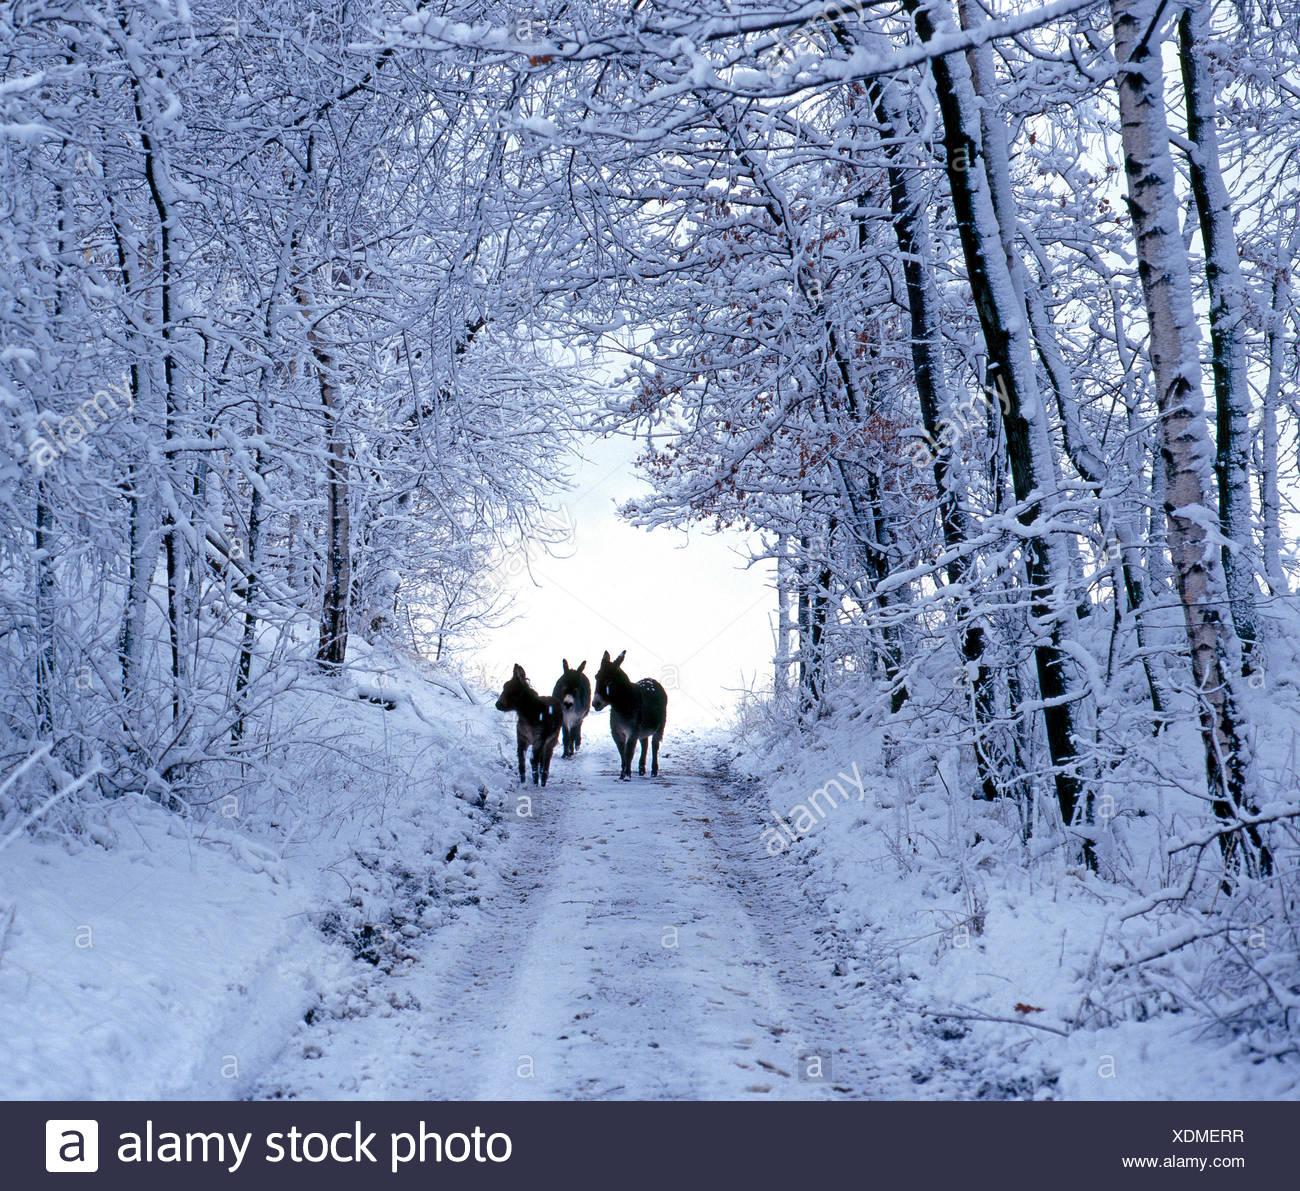 Drei Esel auf tief verschneiten Wald Weg Stockbild